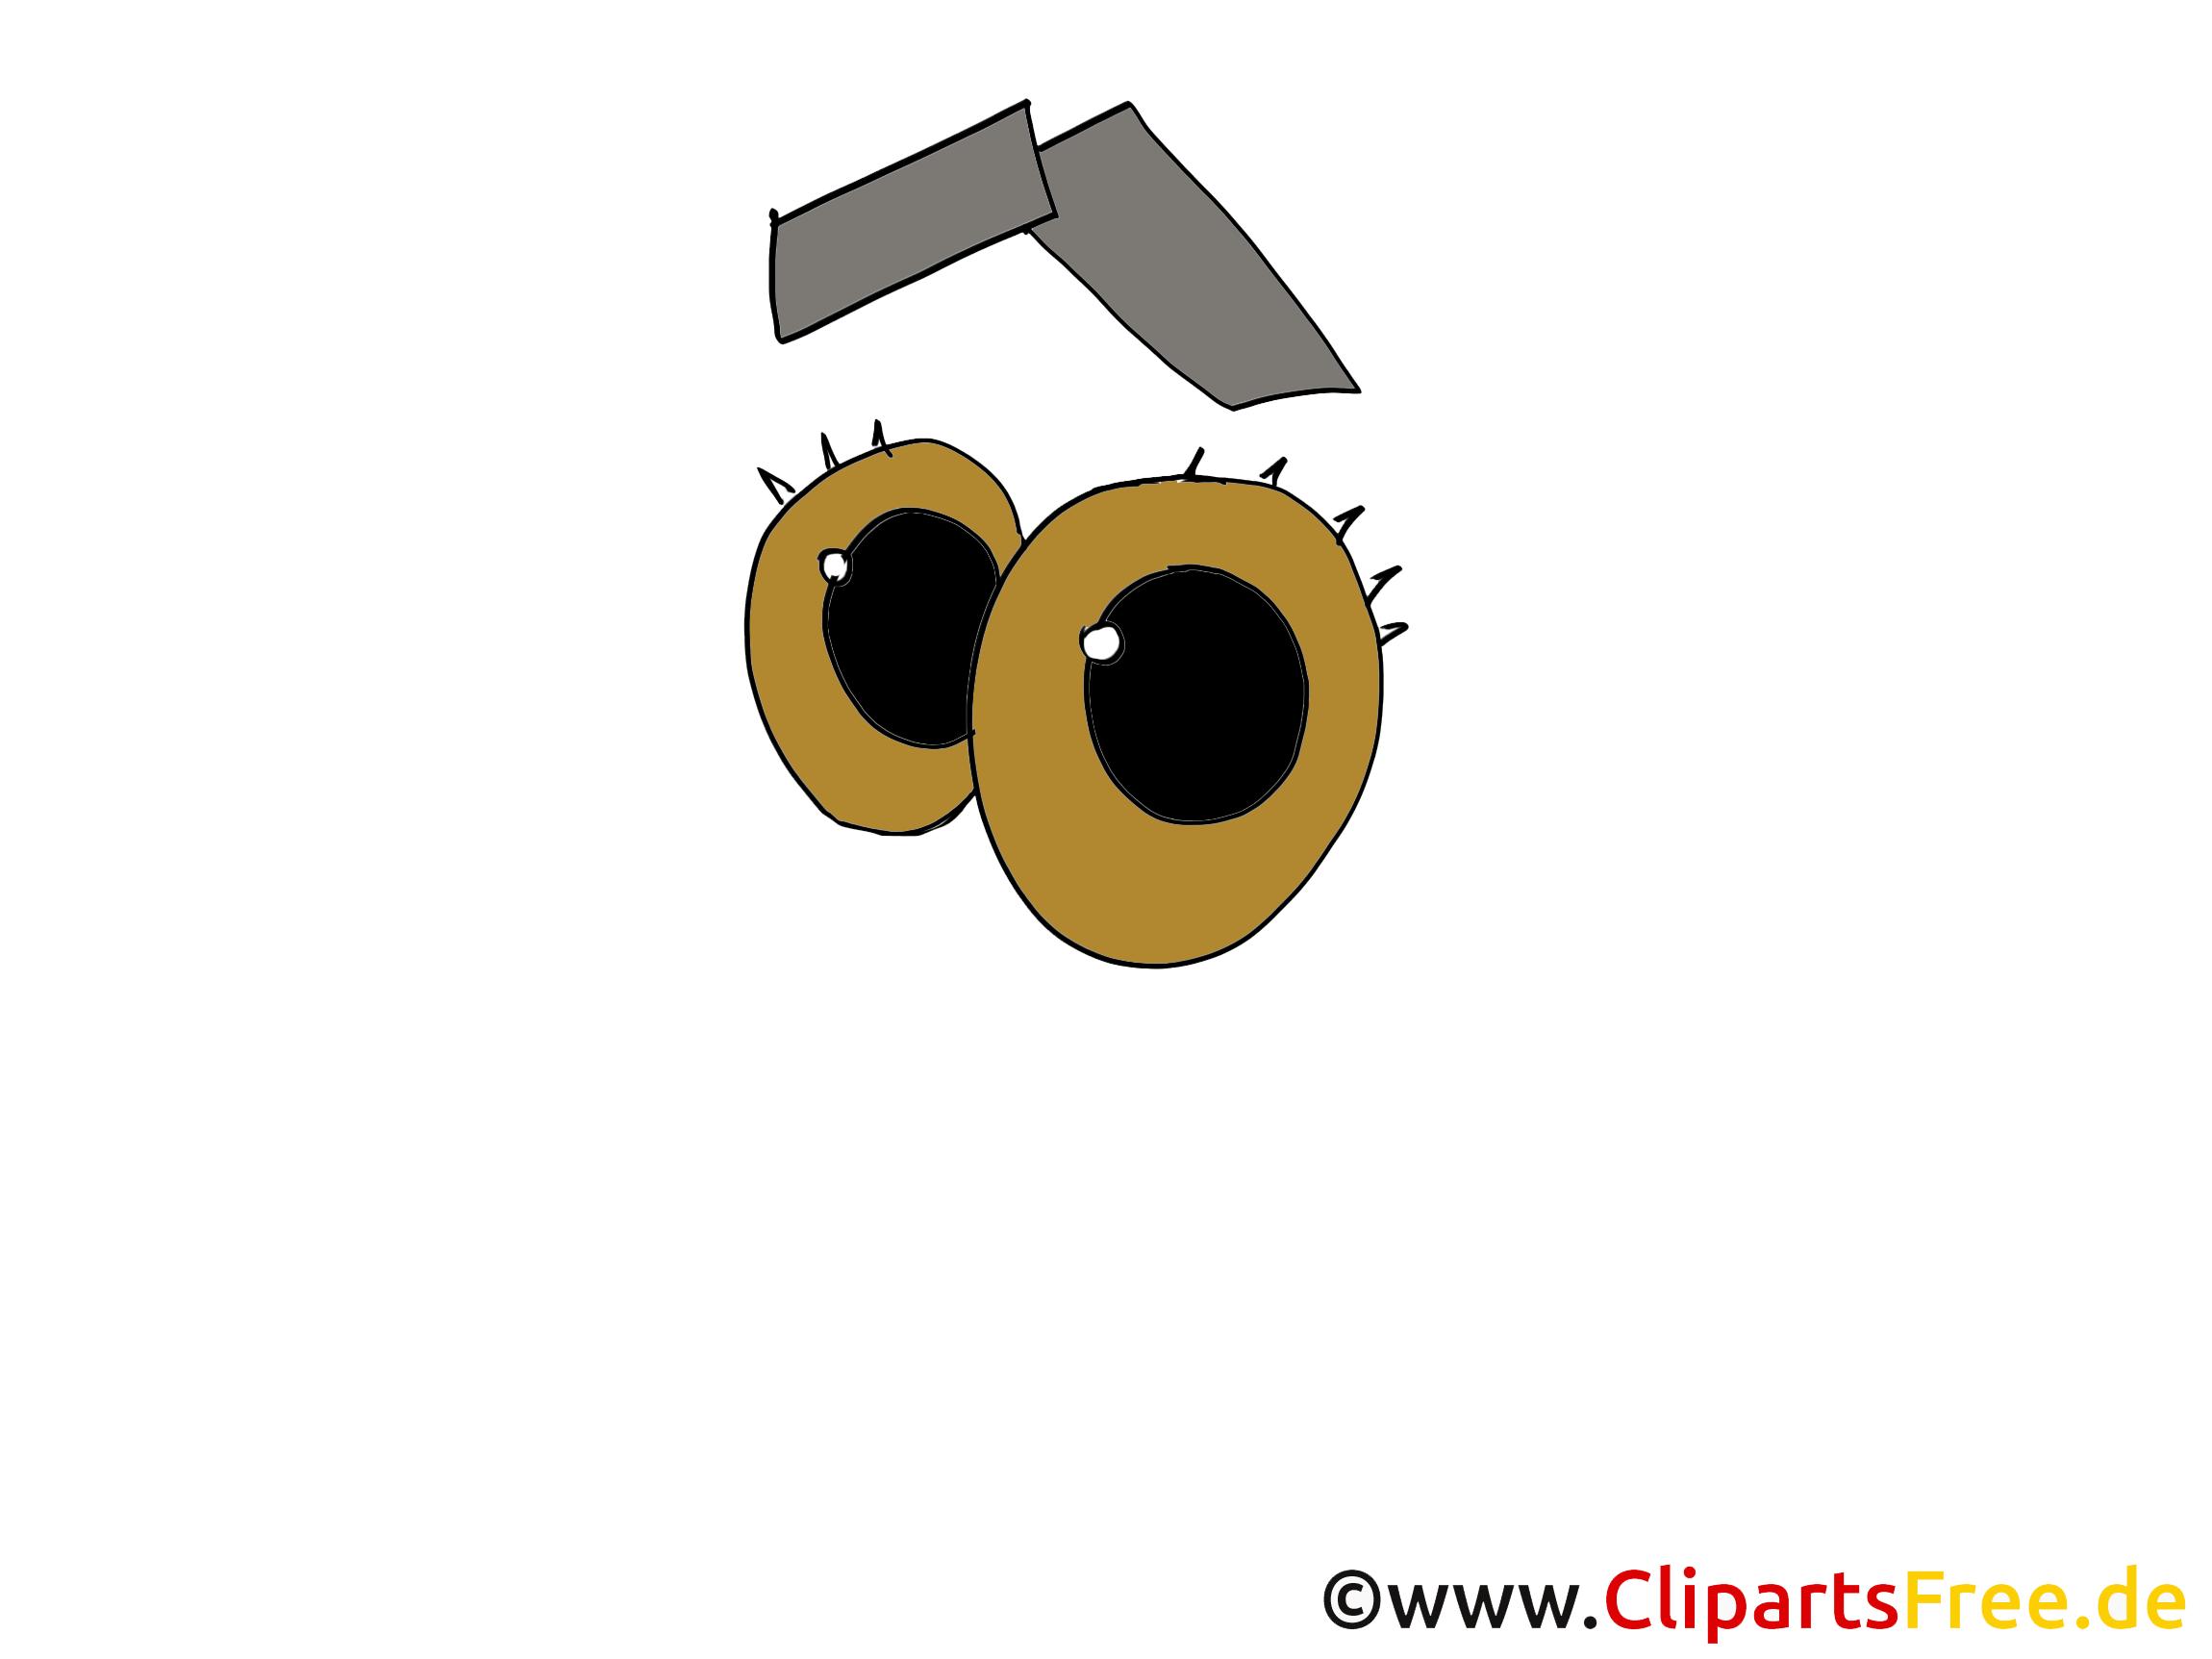 Augen Cartoonstil